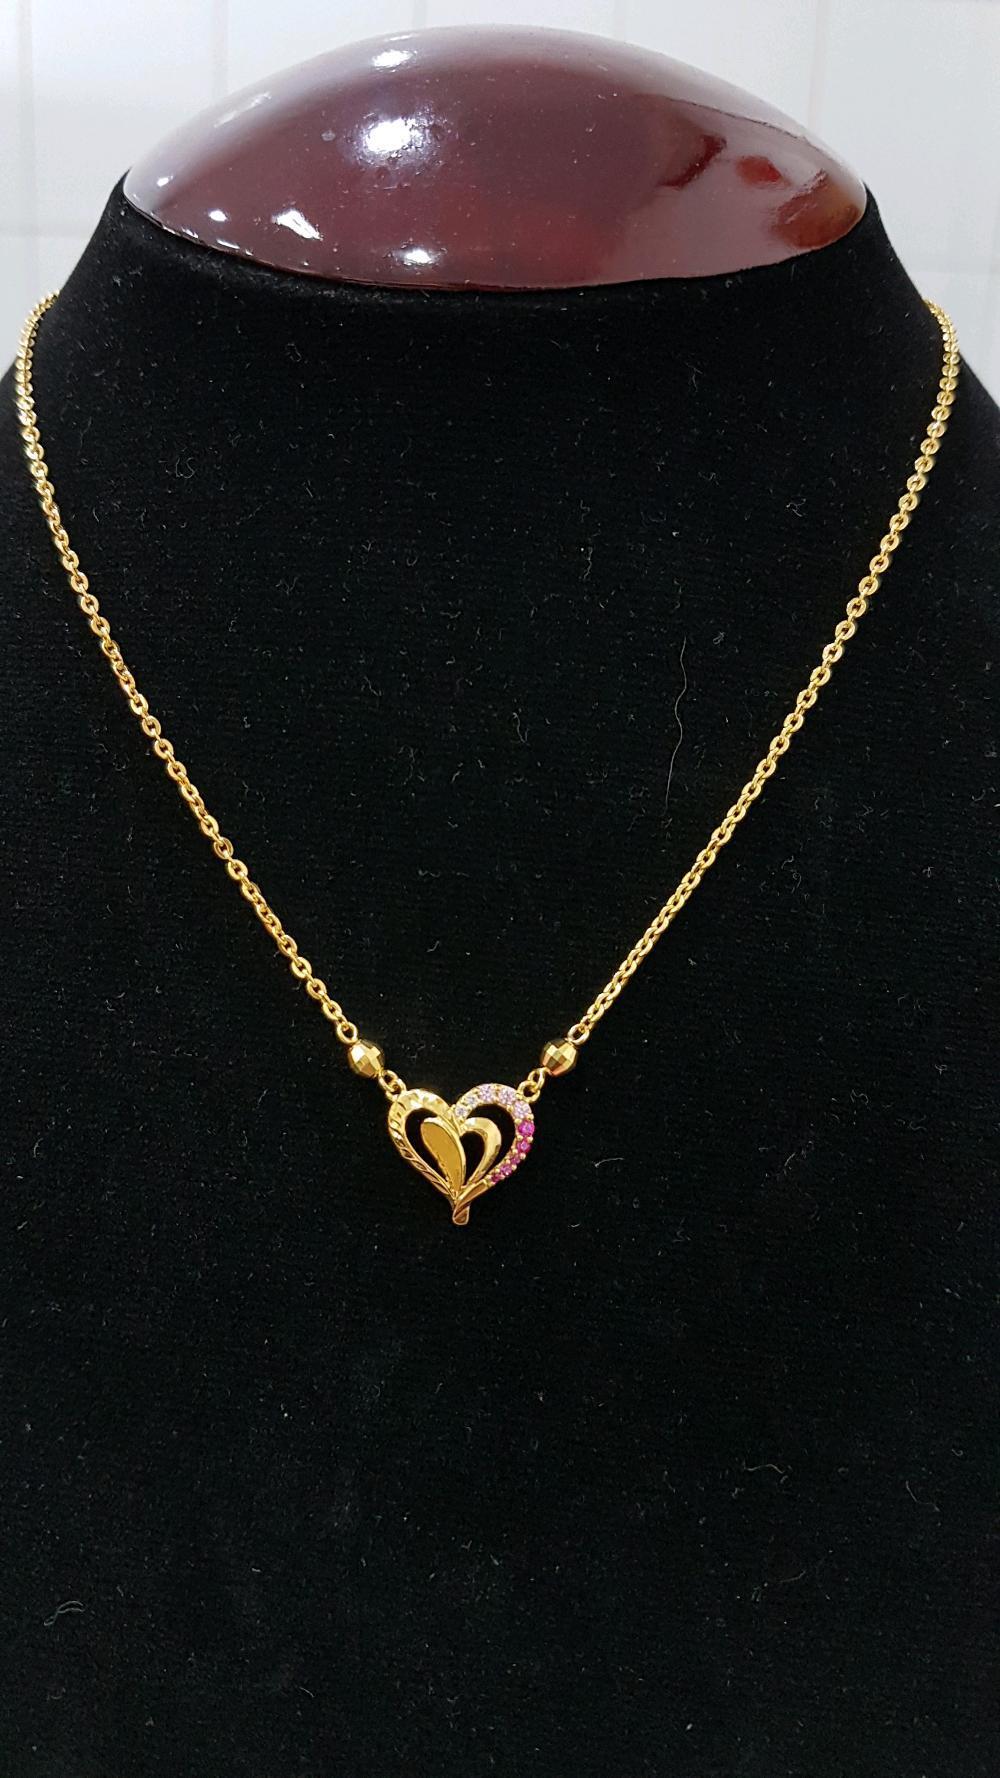 Kalung UBS Emas Asli Kadar 700 Model Love Permata